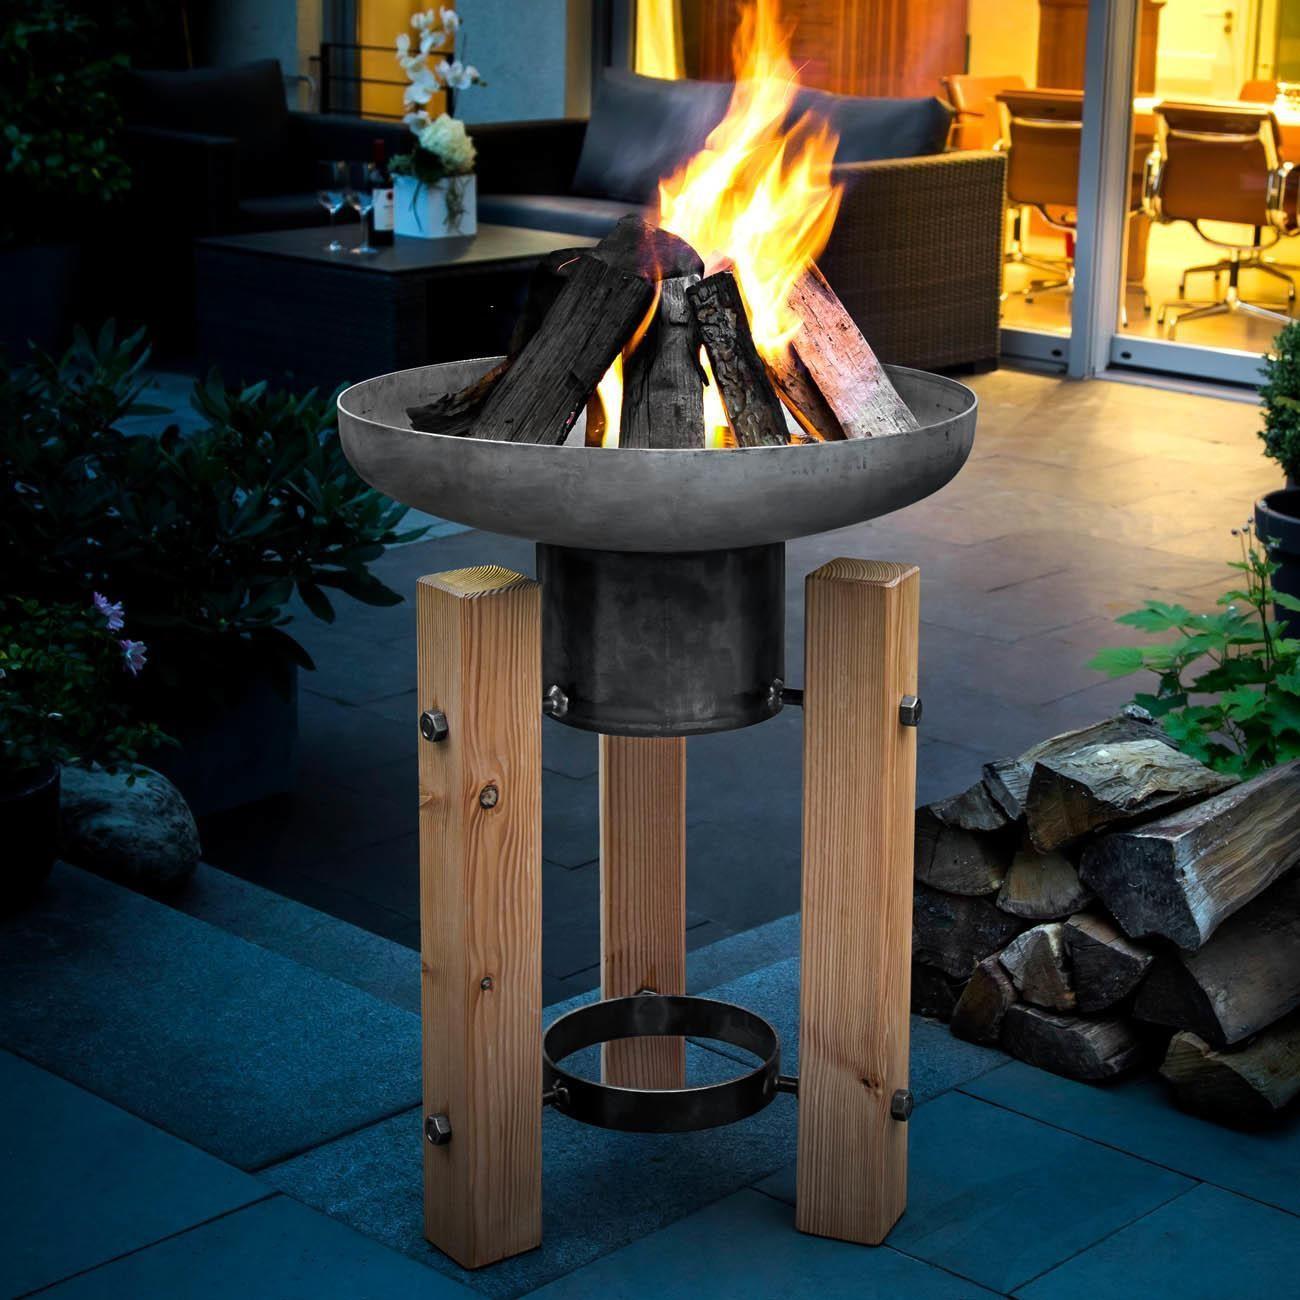 Brasero À L Éthanol wooden frame fire pit | boule de feu, cheminée de jardin et